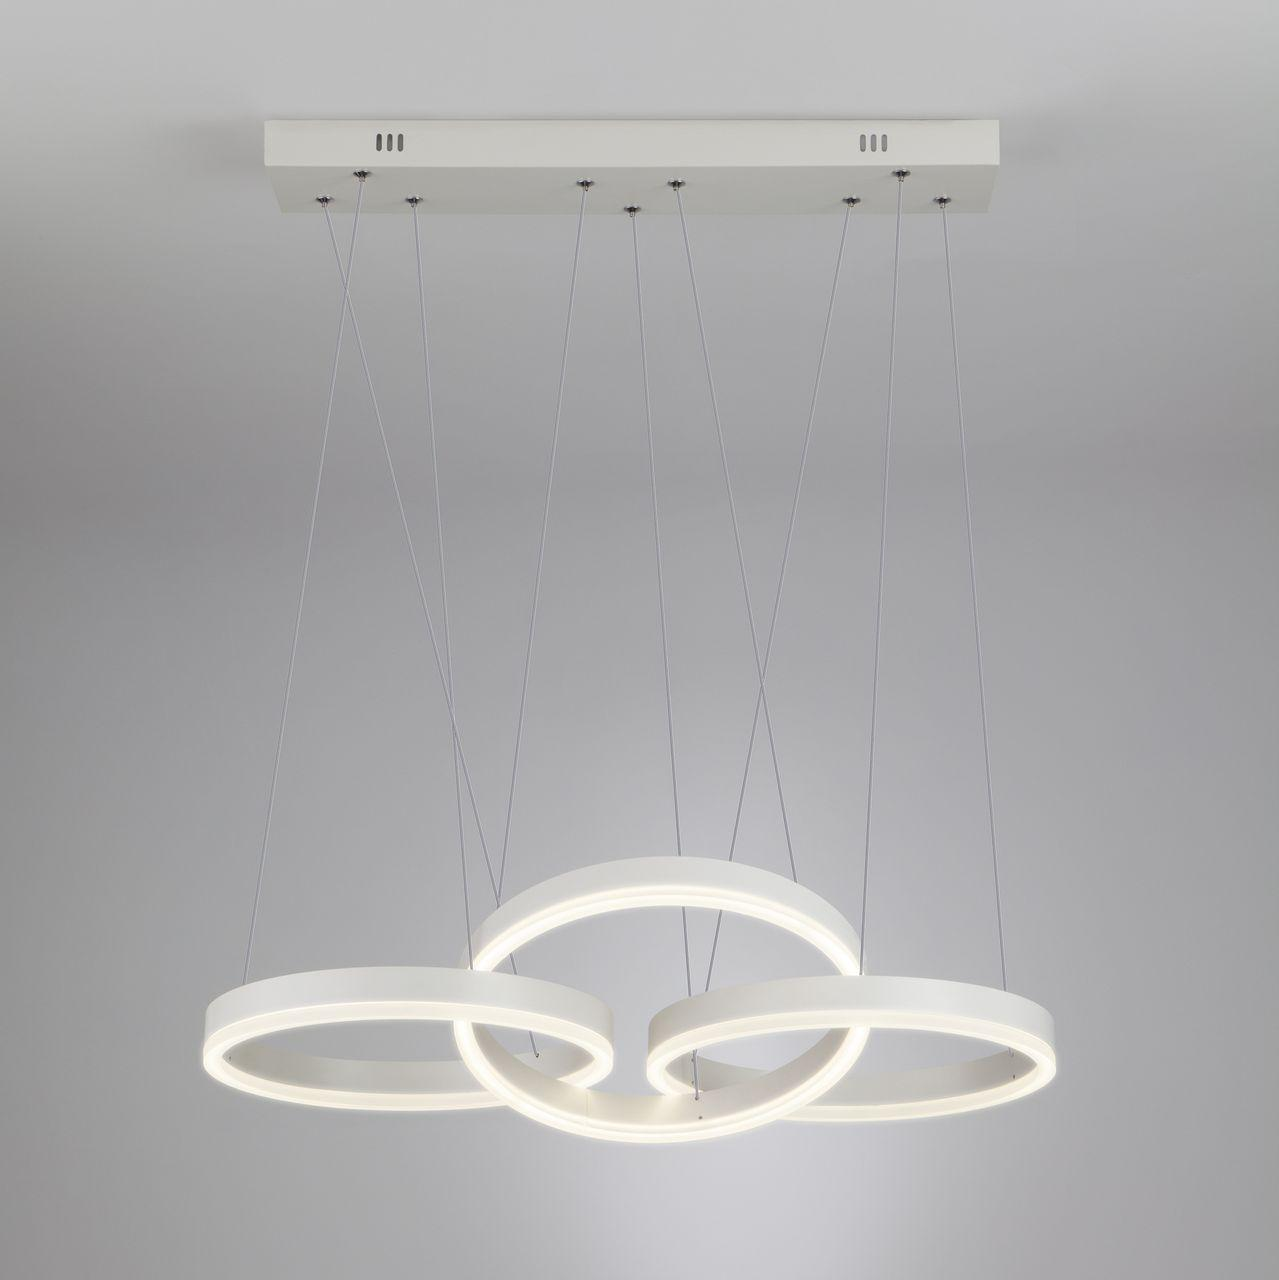 Купить Подвесной светодиодный светильник с пультом ду Eurosvet Integro, inmyroom, Россия